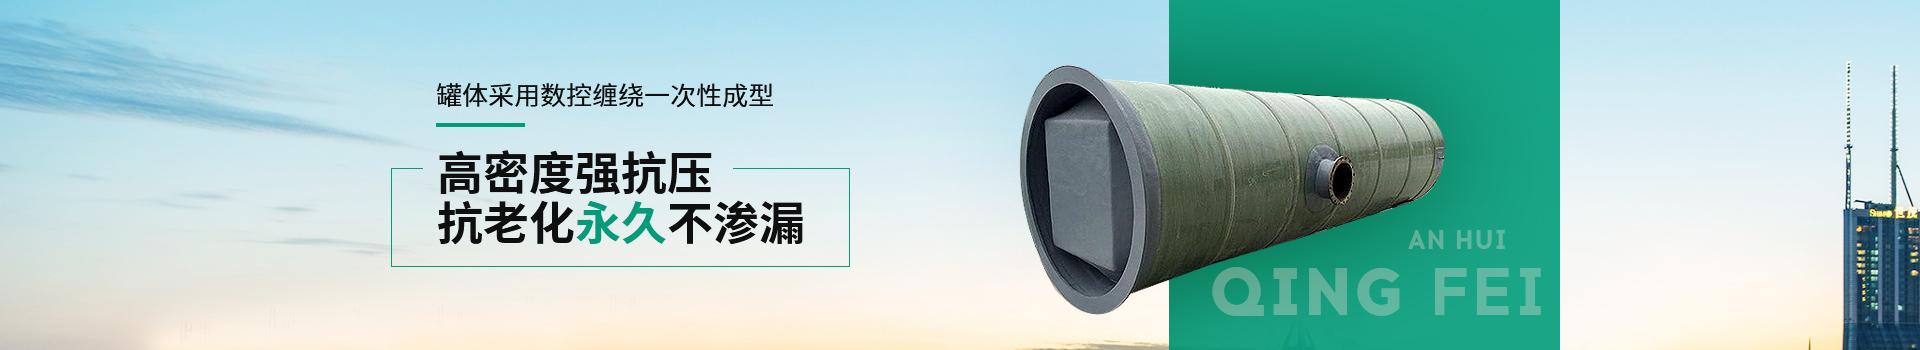 安徽清飞玻璃钢一体化泵高密度、抗老化